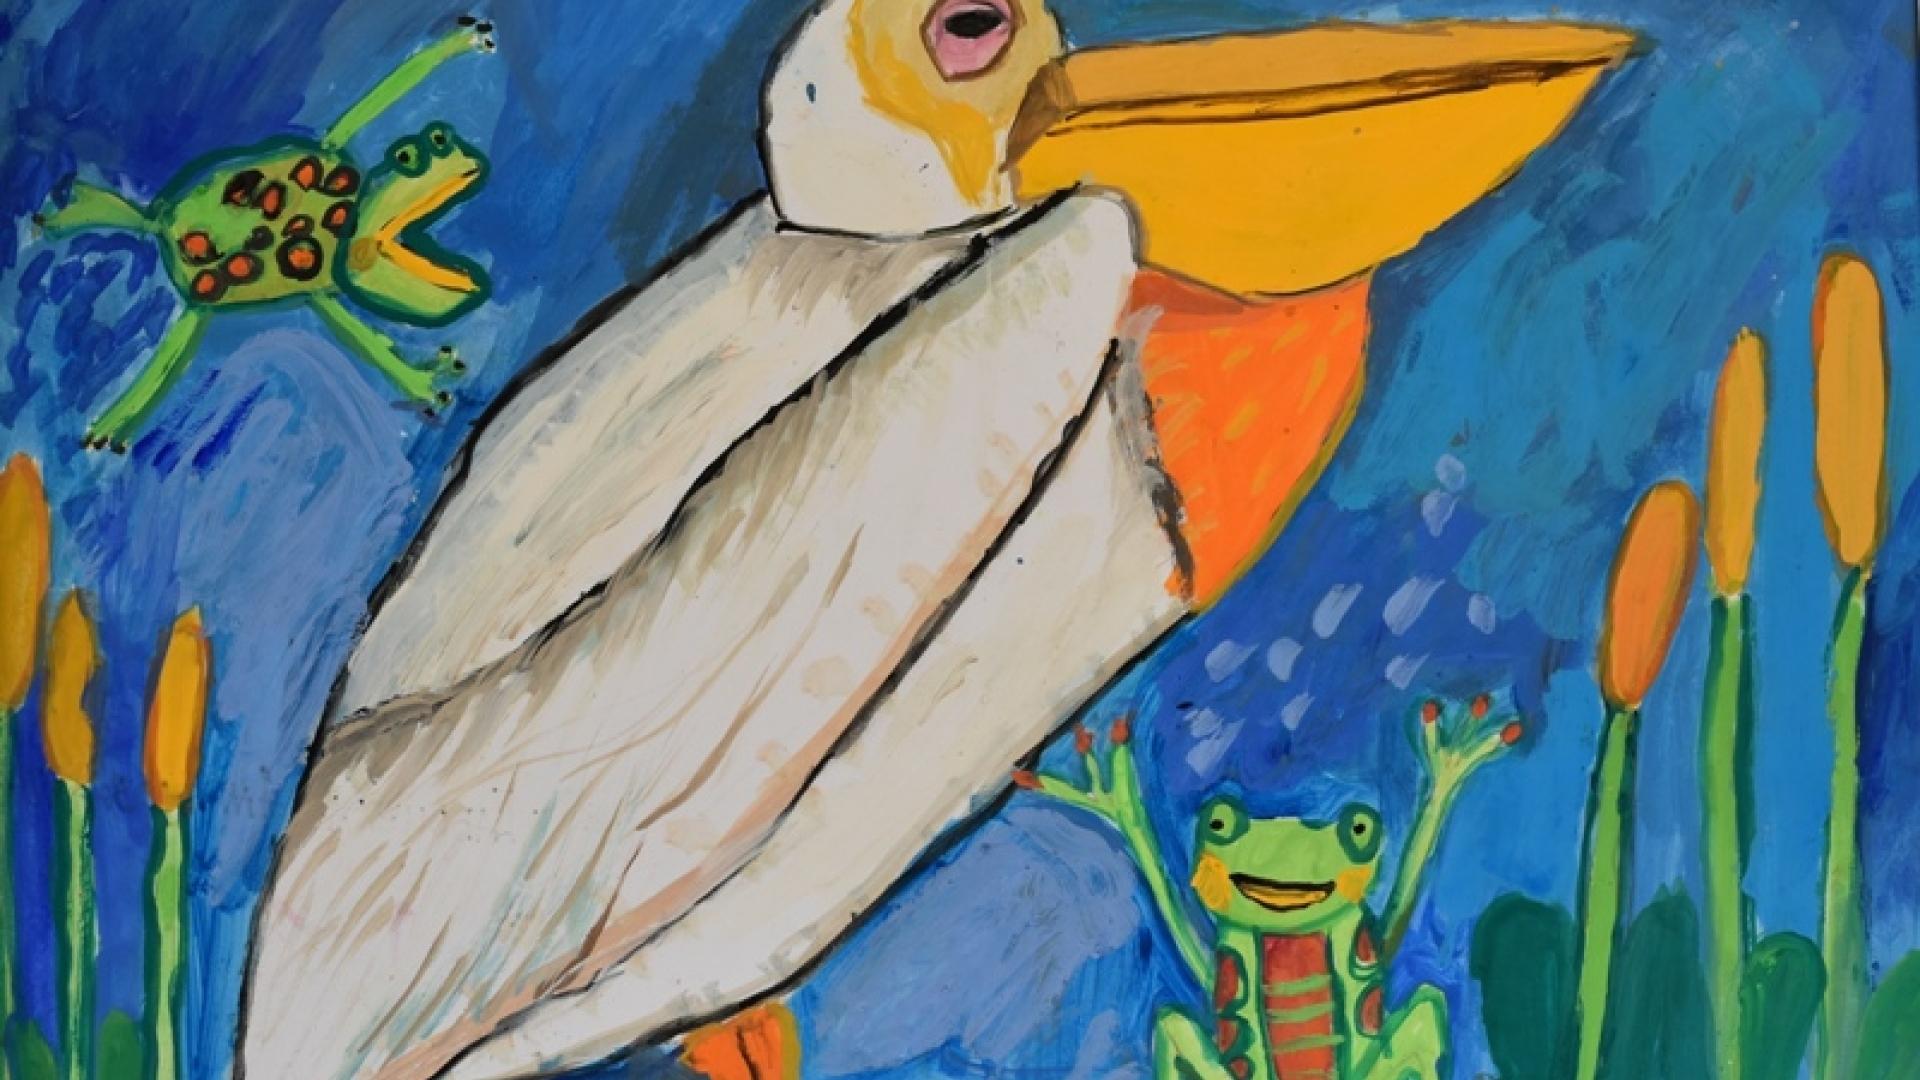 РИОСВ обяви конкурс за рисунка по повод Световния ден на влажните зони